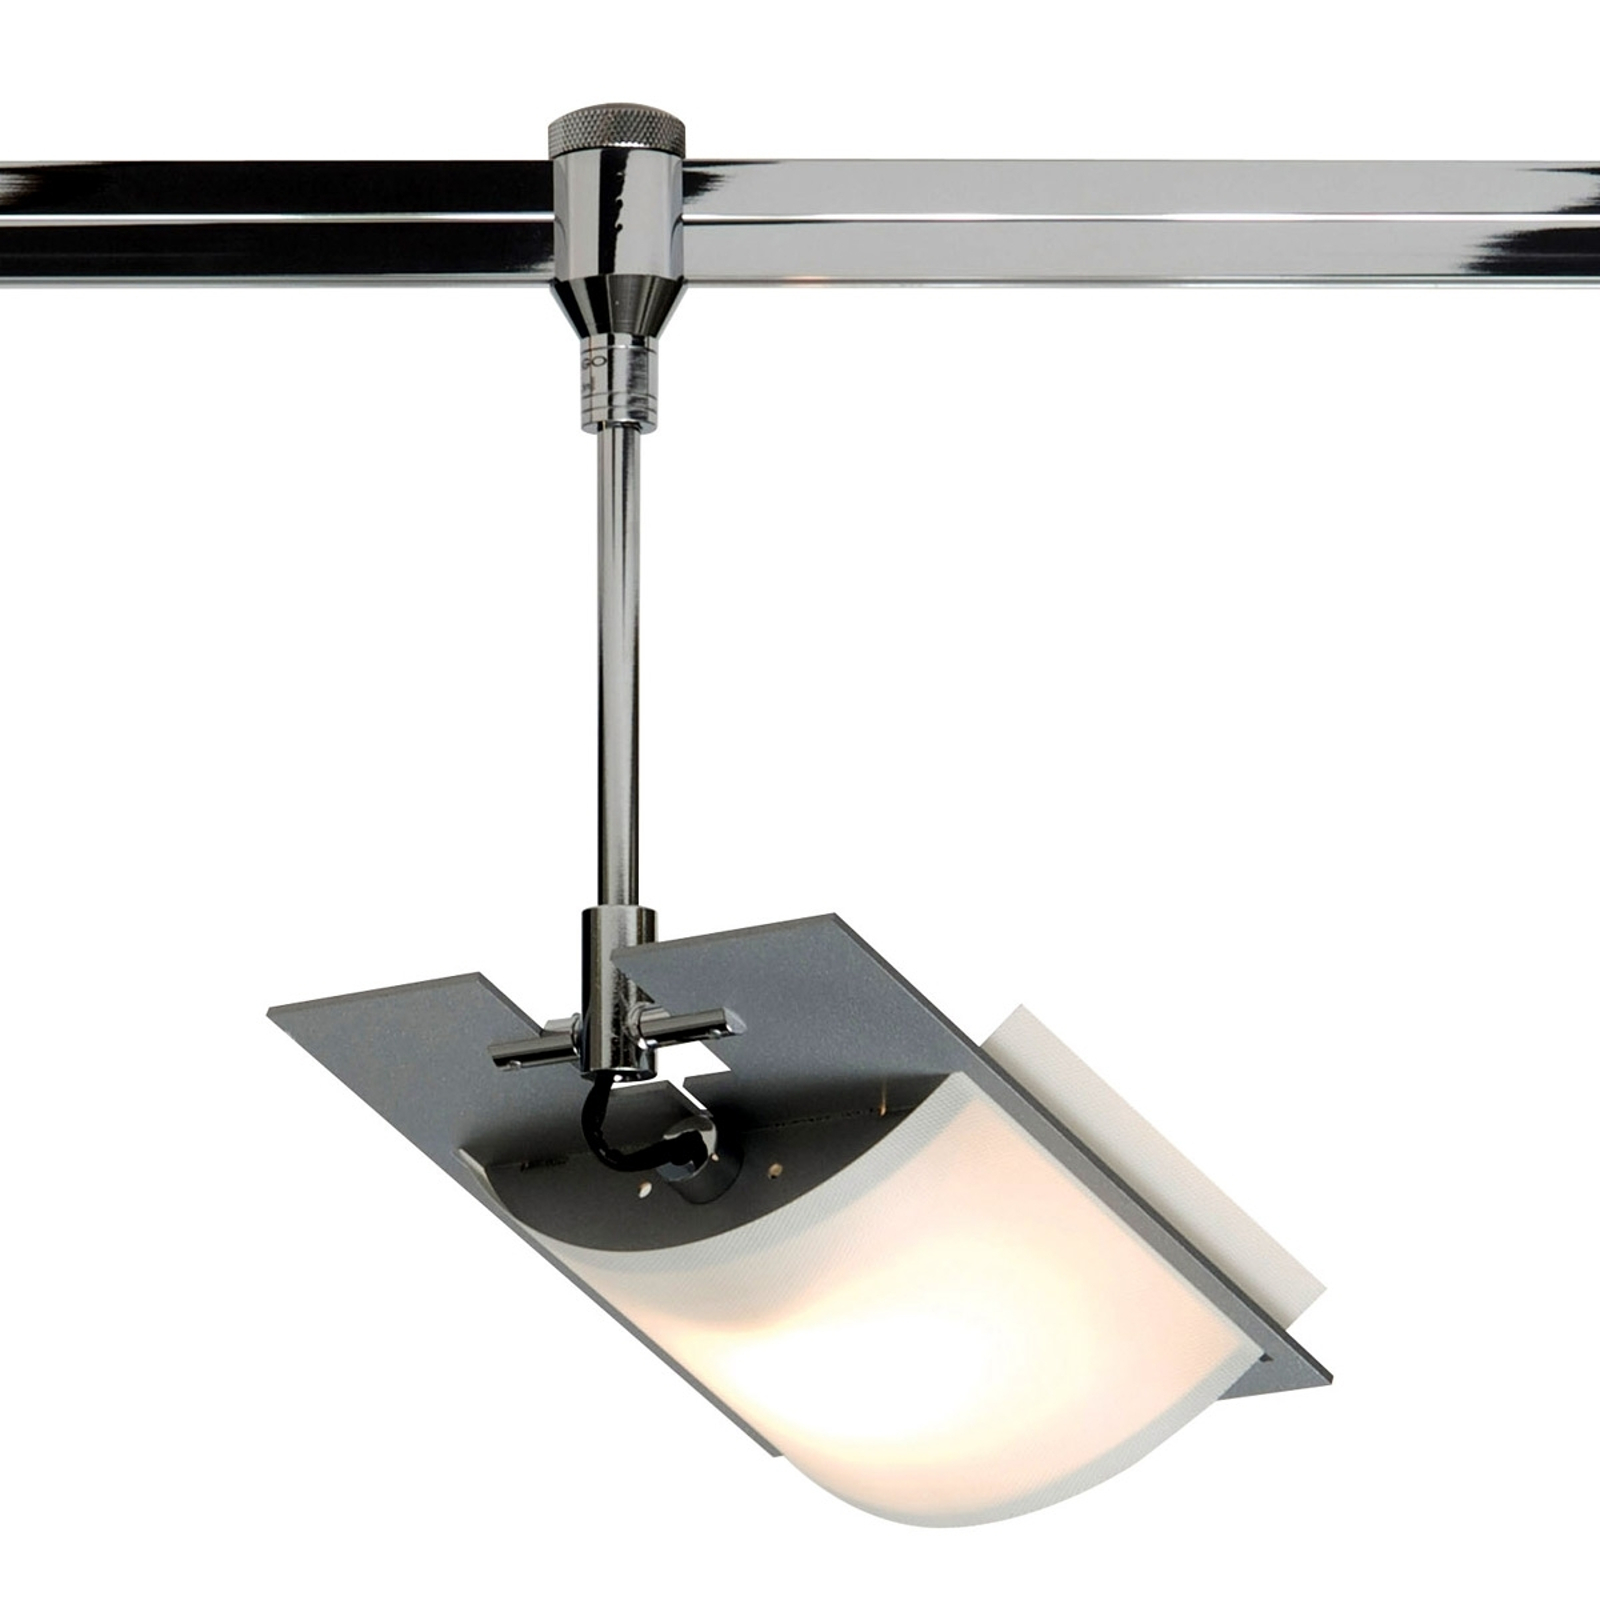 OLIGO High Flight Leuchte für Check-In-System 14cm